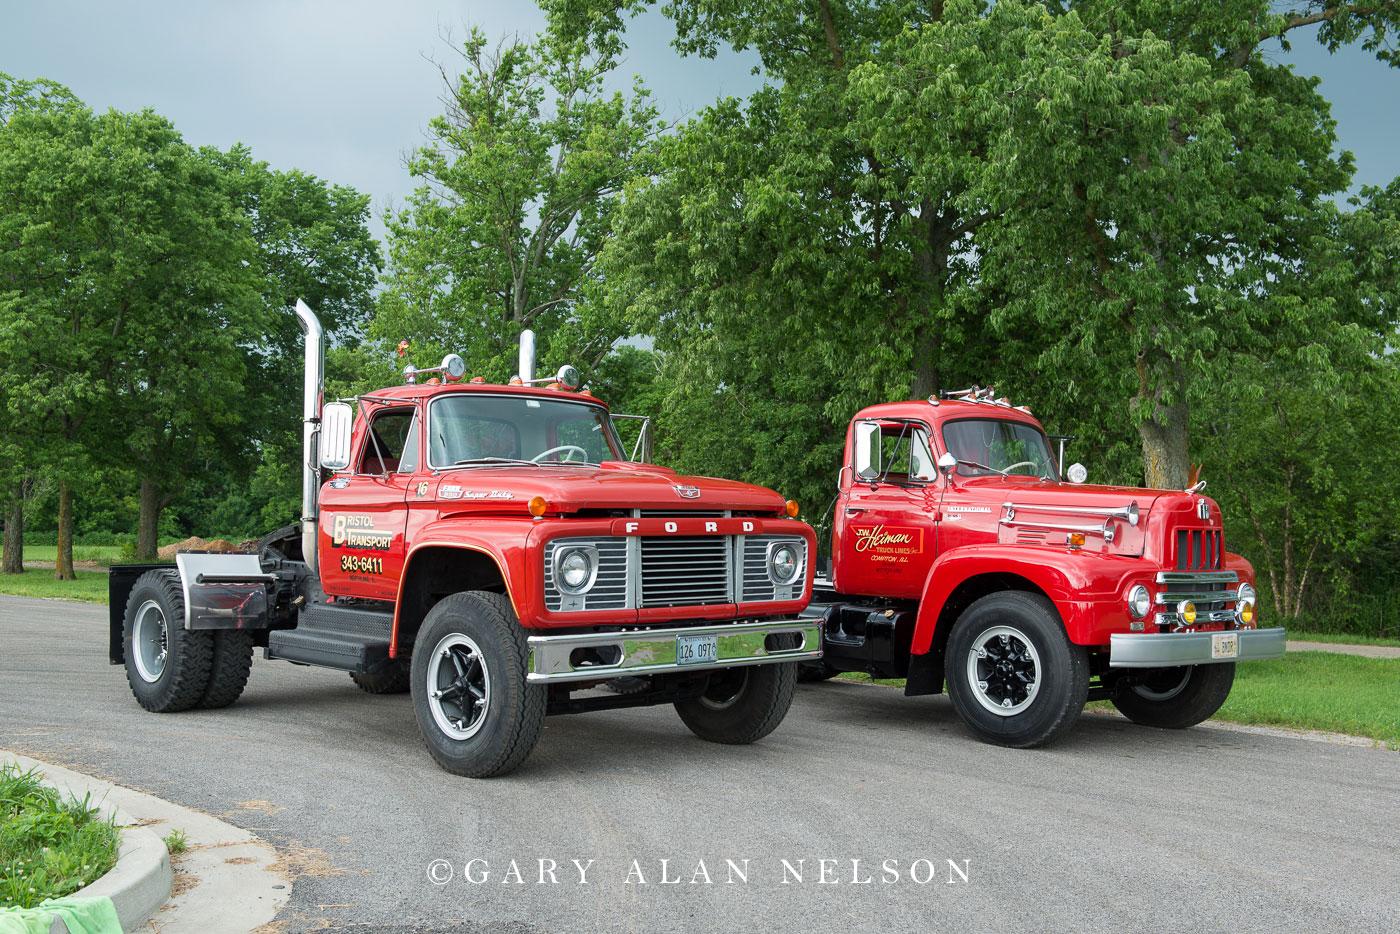 1965 FordF-850 and 1964 International R190